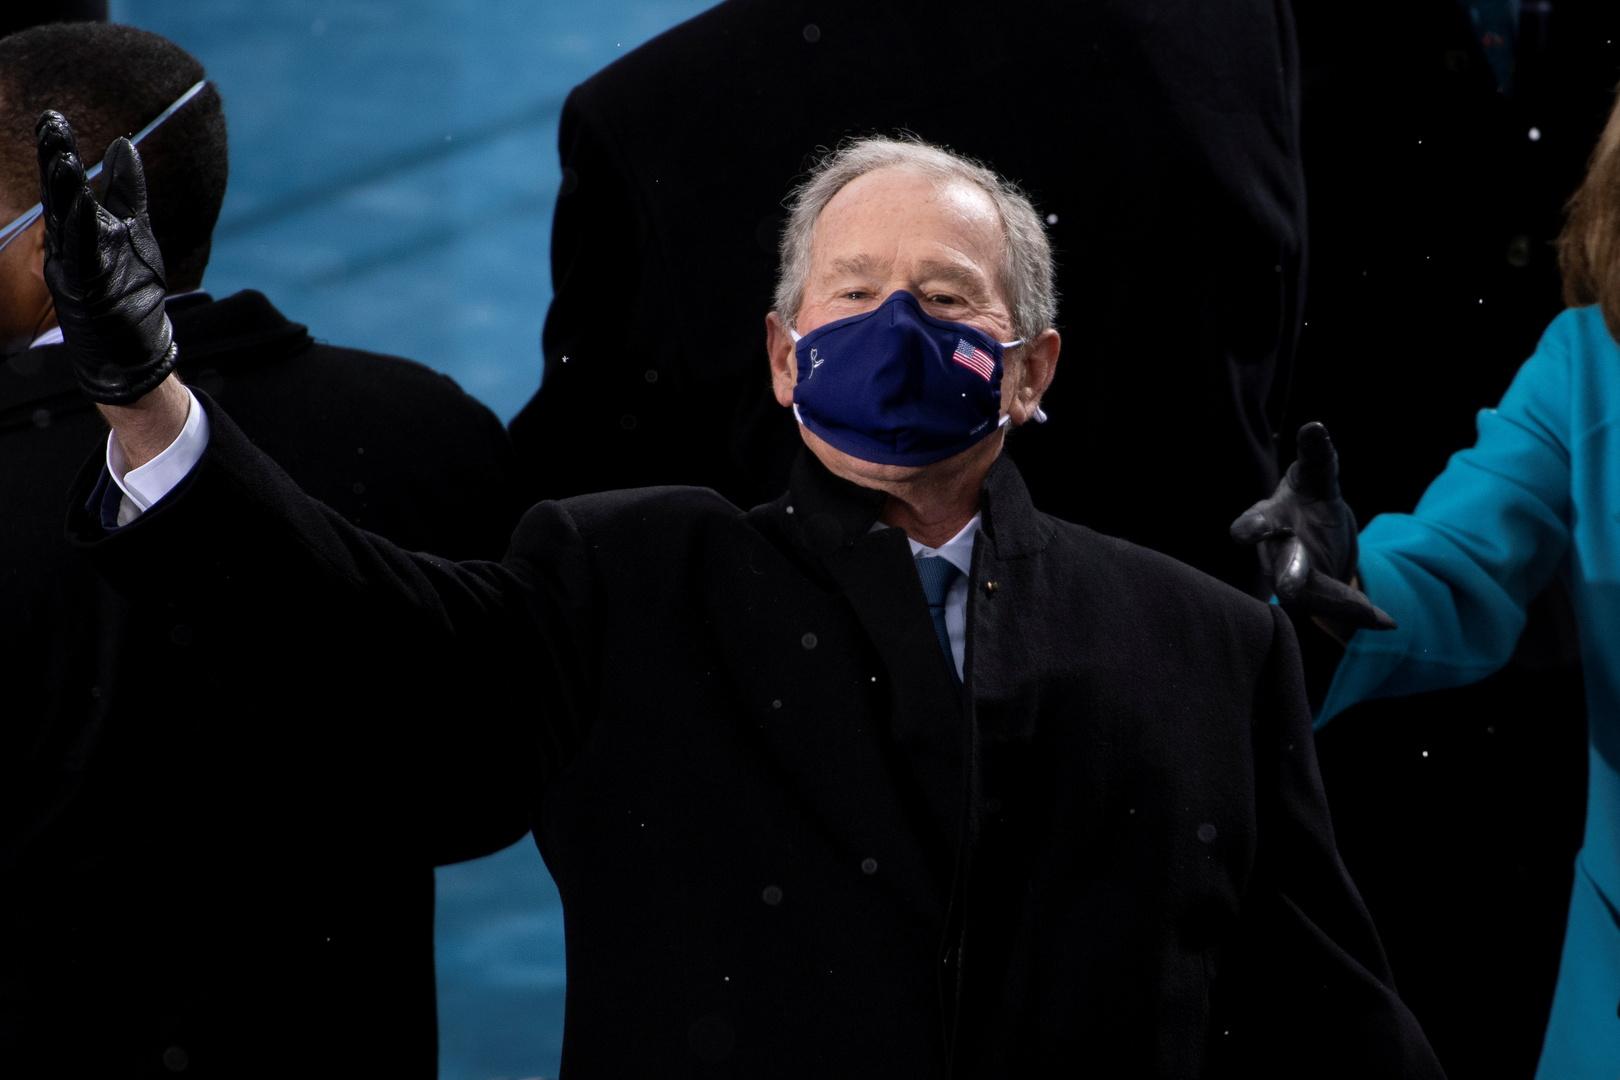 بوش: حادثة اقتحام الكابيتول أثارت اشمئزازي